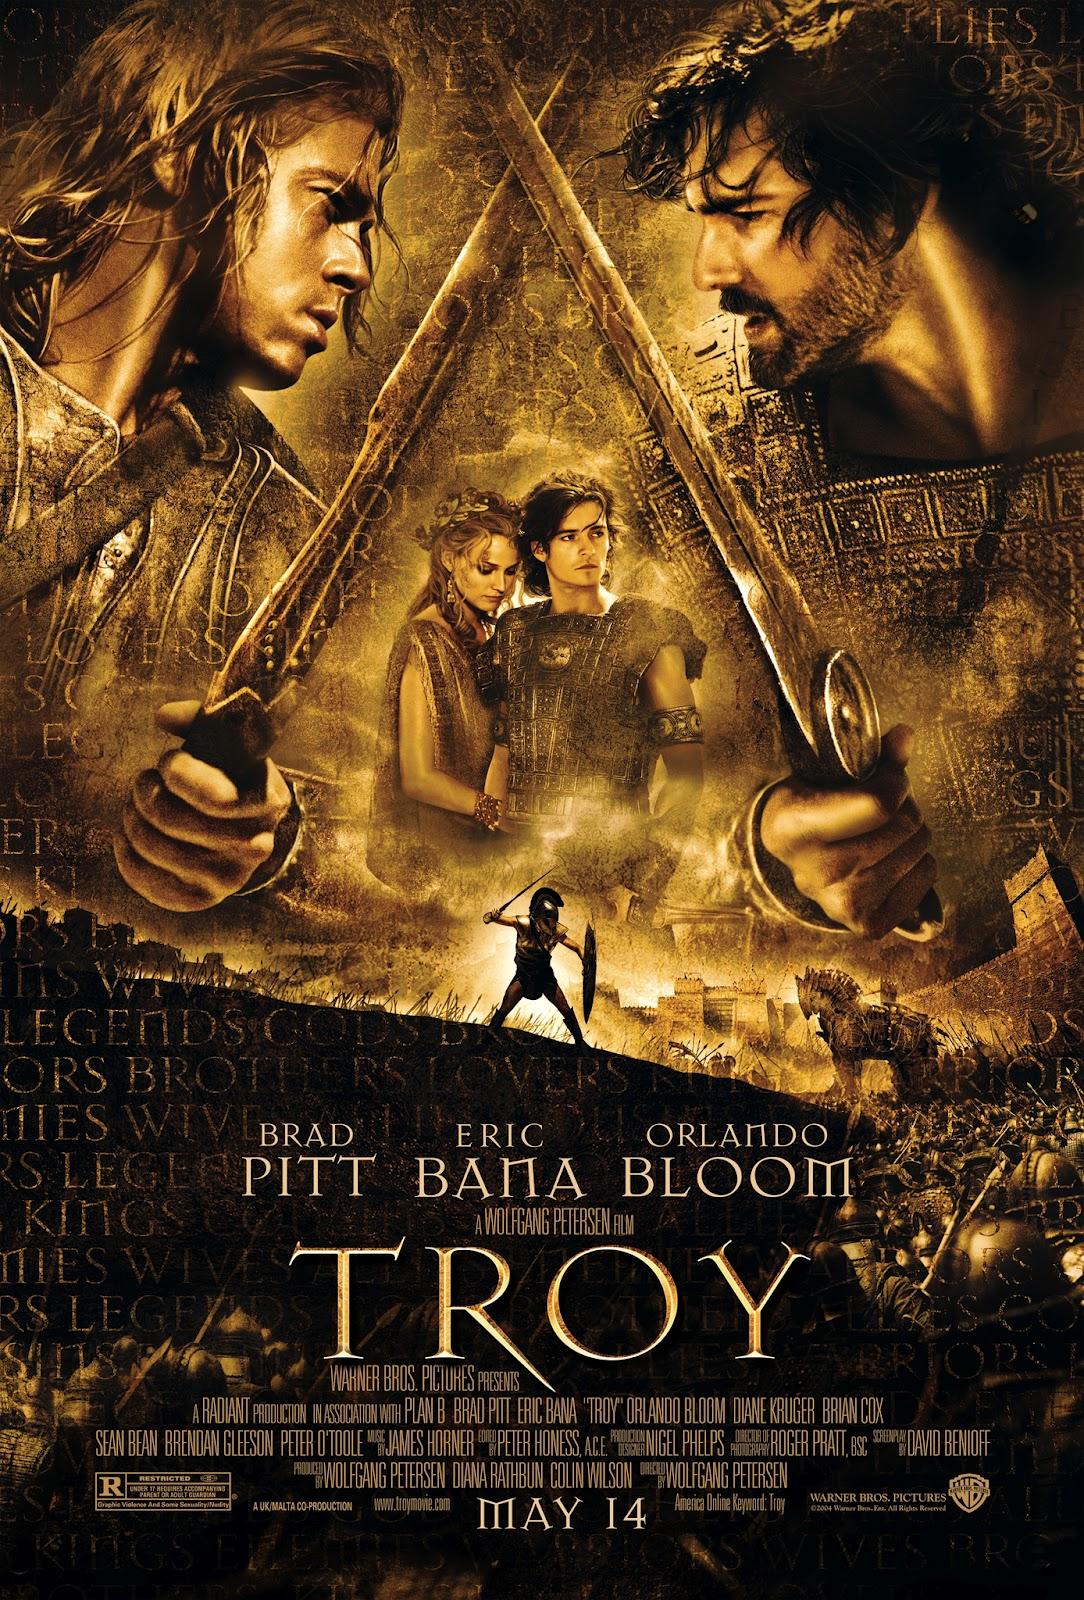 http://3.bp.blogspot.com/-51LCdUMzu8U/T_CQeJGWPYI/AAAAAAAAArg/abgrYJ1YycY/s1600/Troy+04.jpg